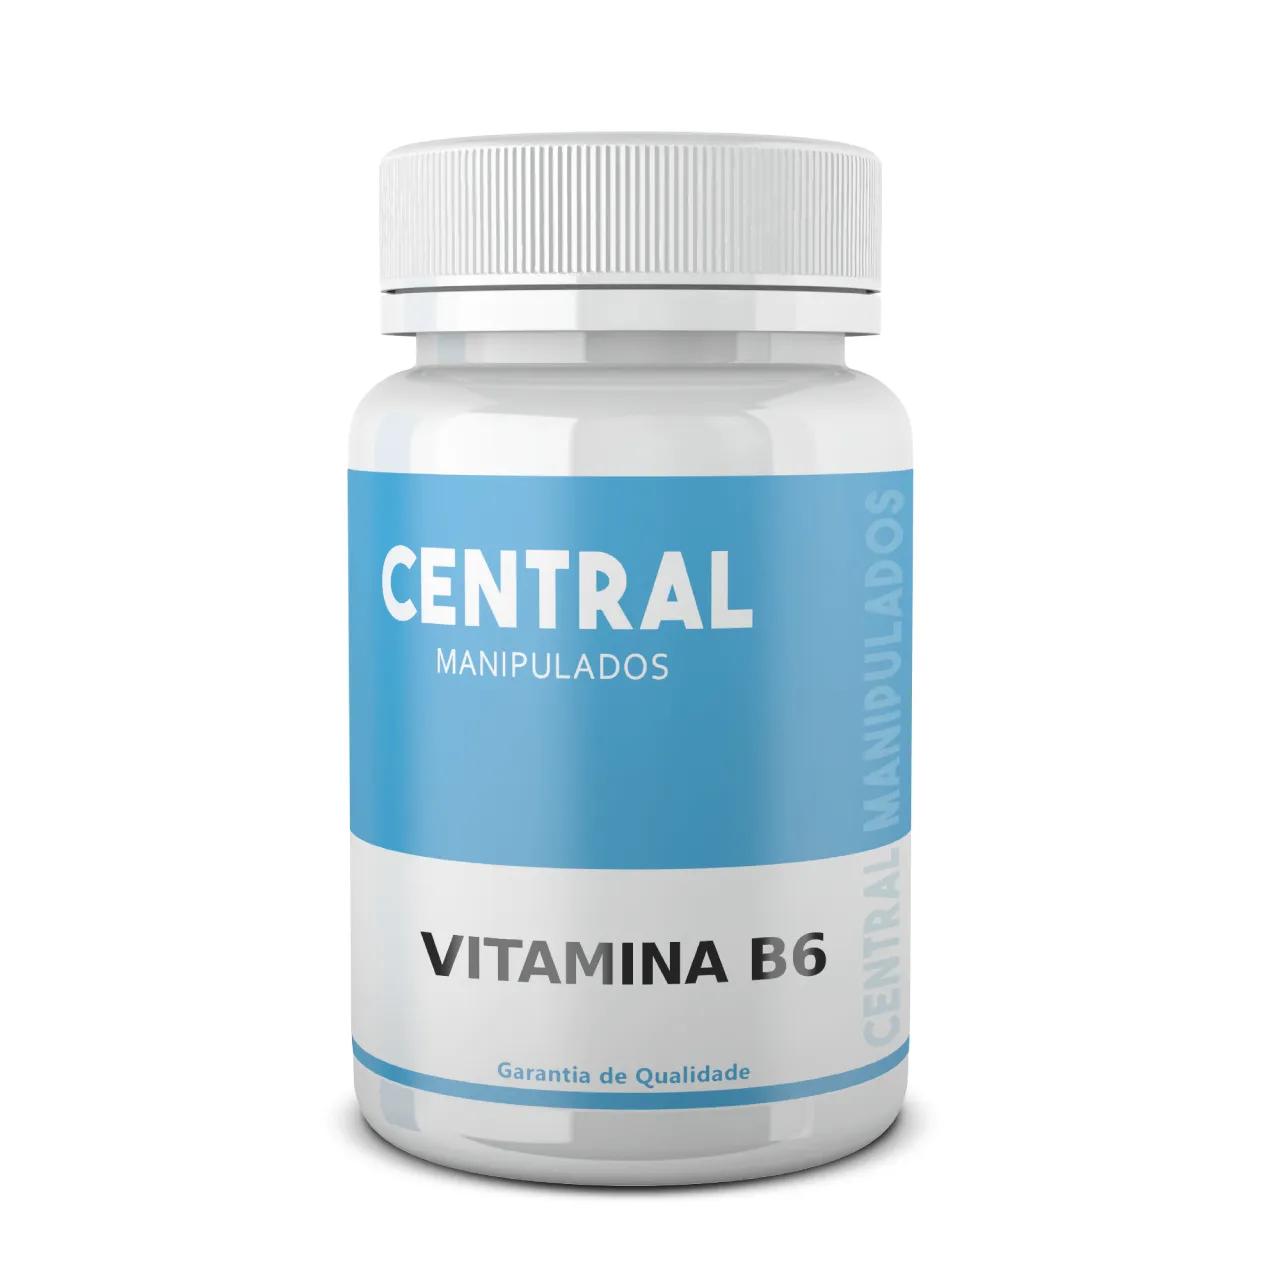 Vitamina B6 100mg - 30 cápsulas - Piridoxina